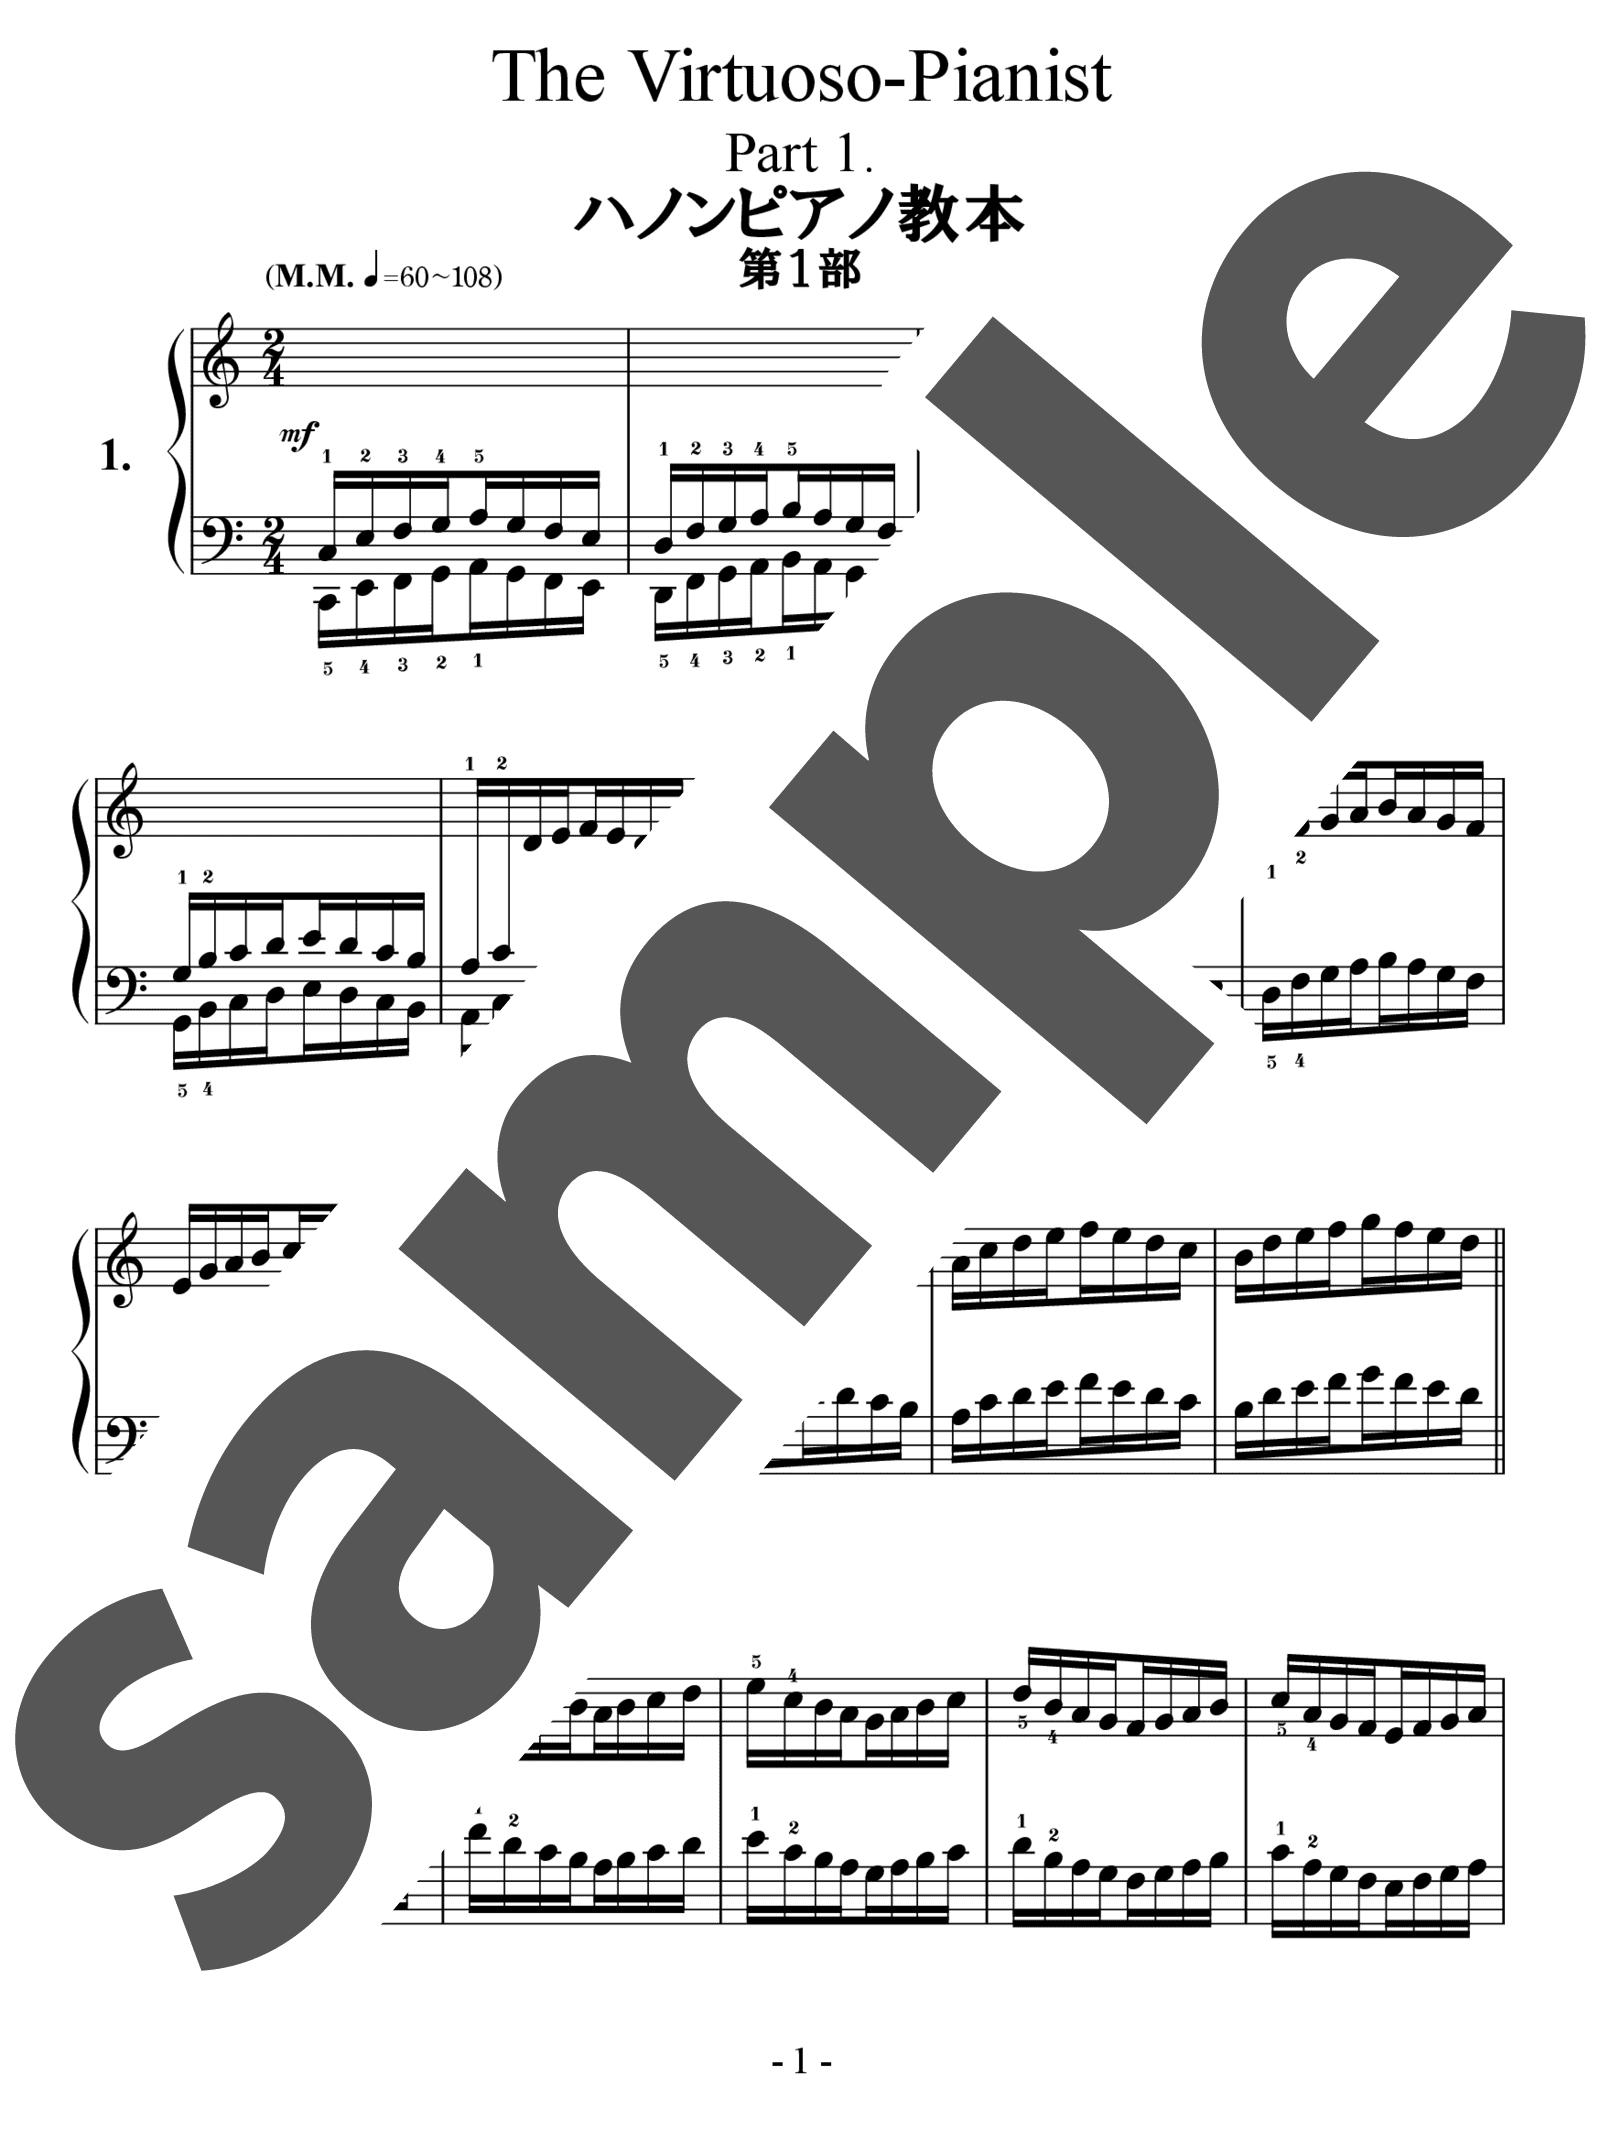 「ハノンピアノ教本 第1部」のサンプル楽譜